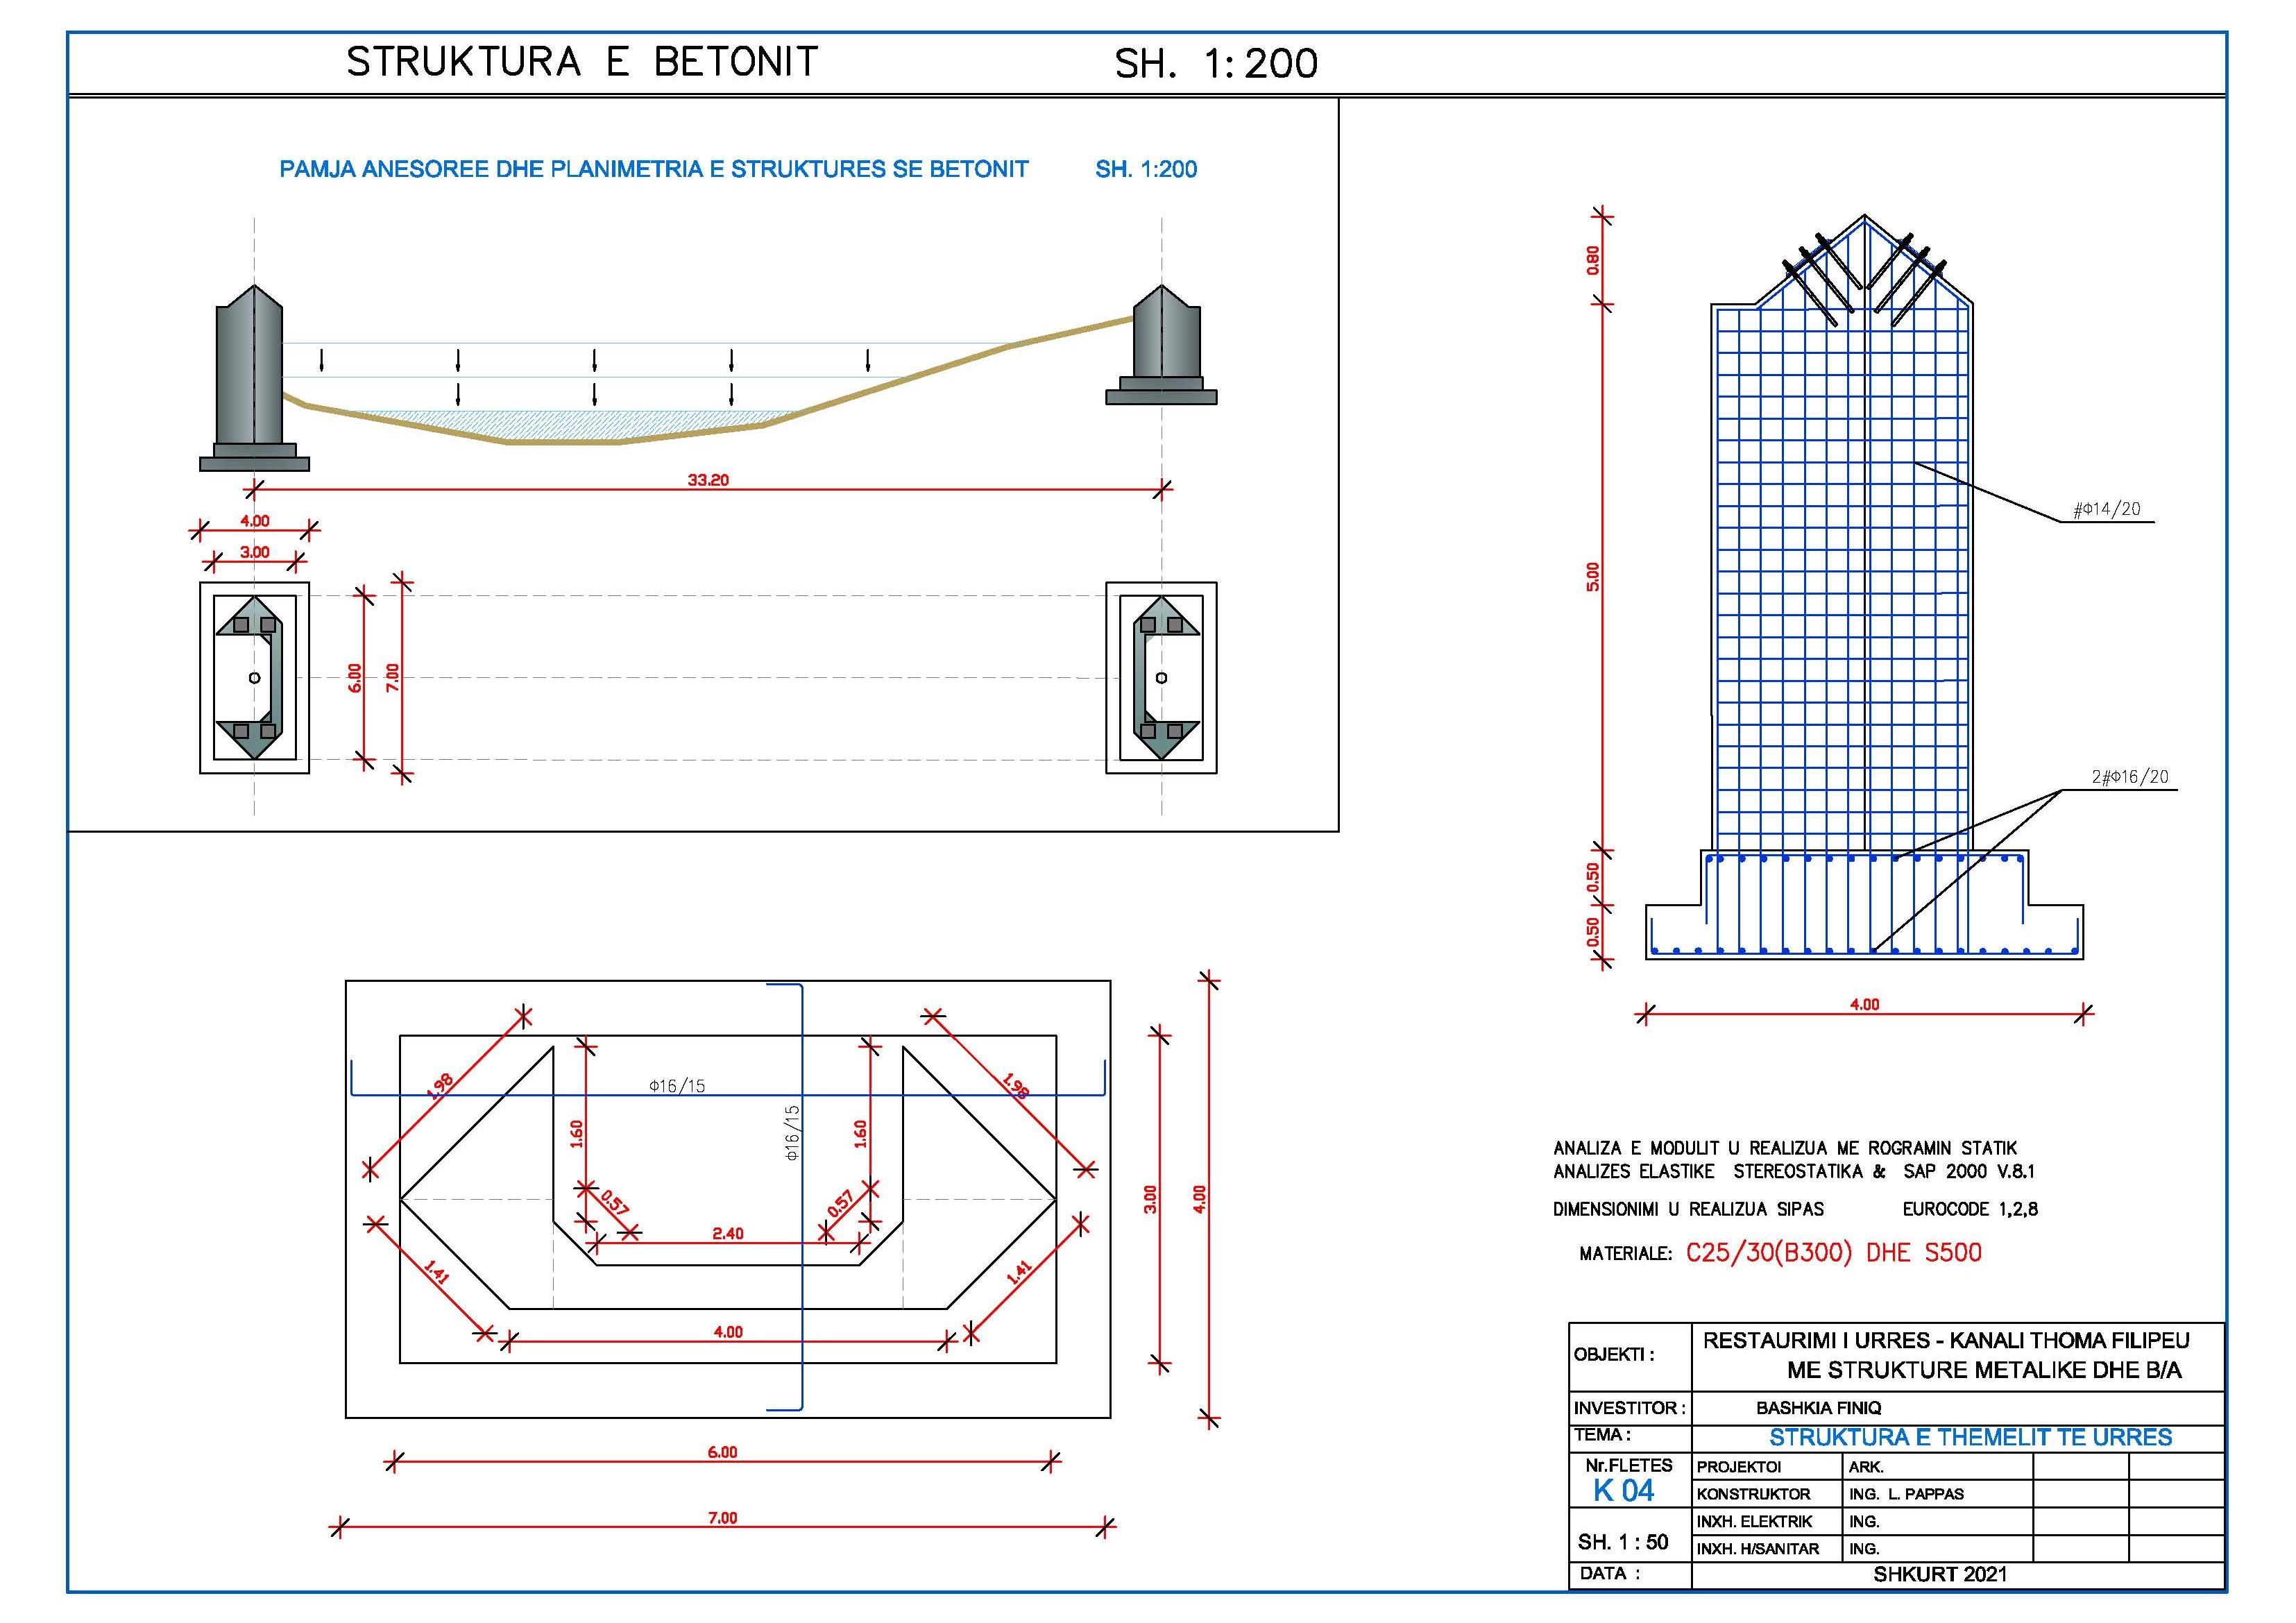 4-struktura-e-betonit